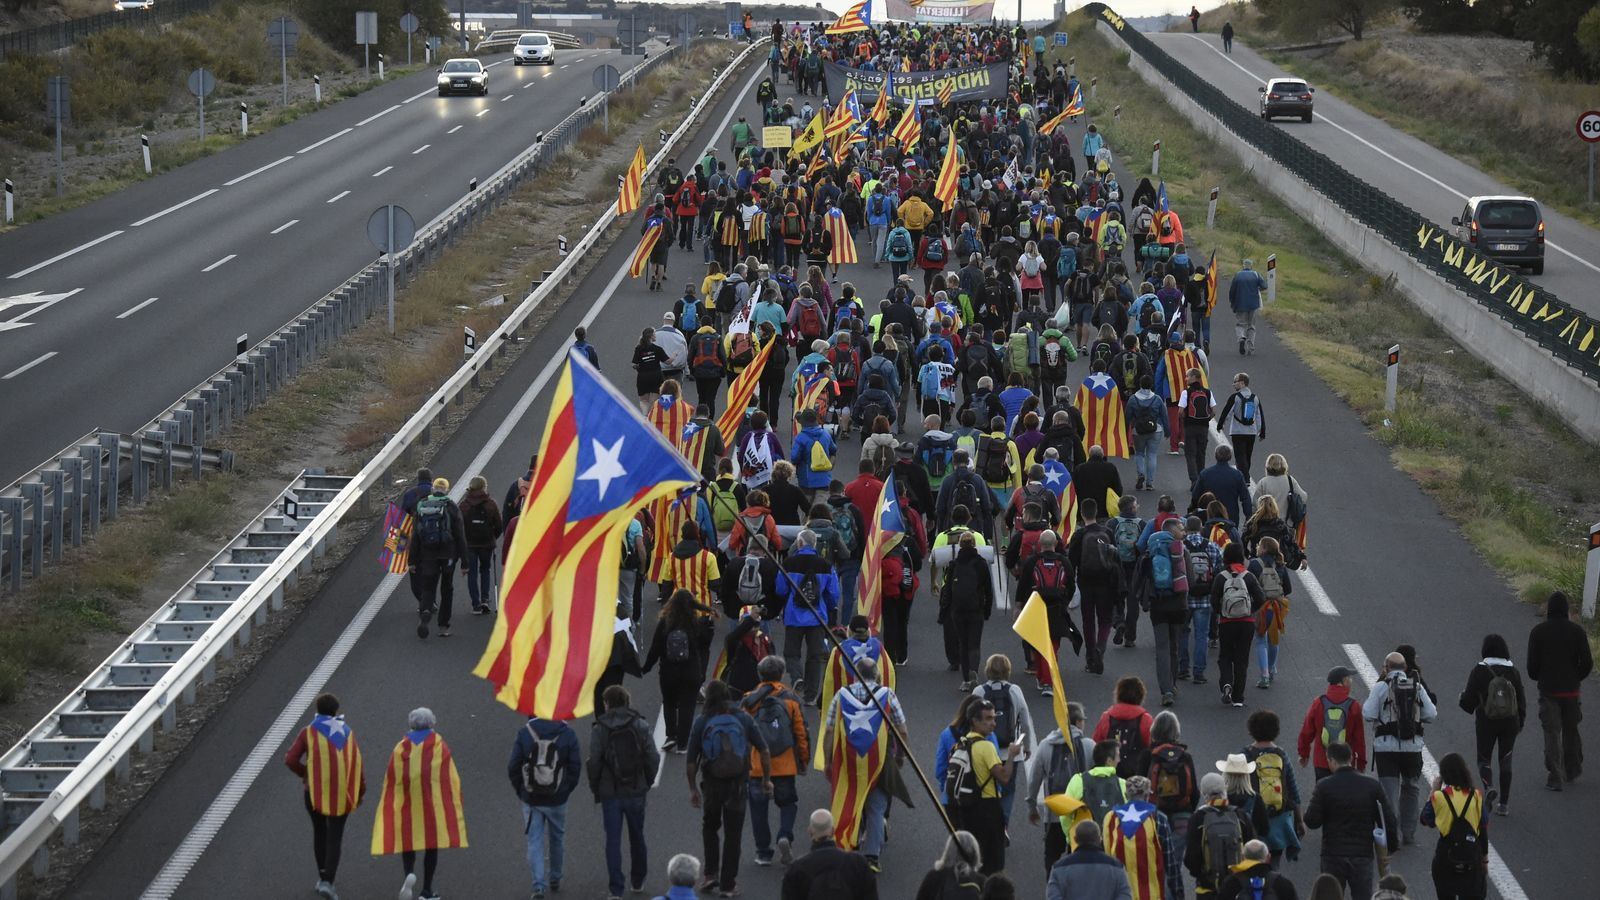 Les Marxes per la Llibertat camí de Barcelona. La columna de Tàrrega entra a la A2.